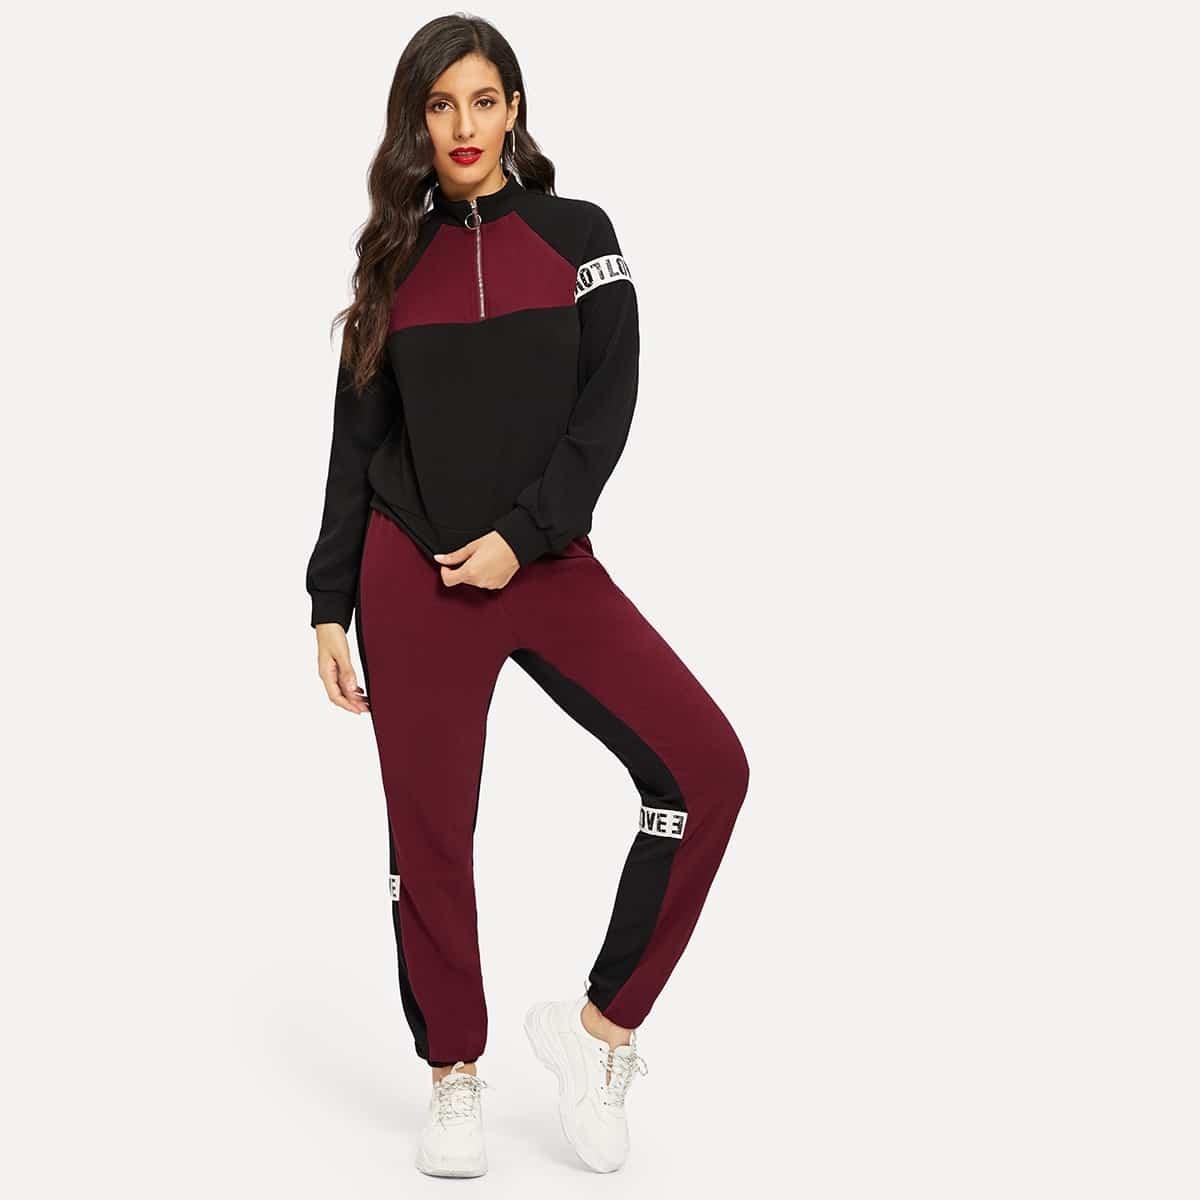 Контрастный свитшот с текстовым принтом на ленте и спортивные брюки комплект от SHEIN